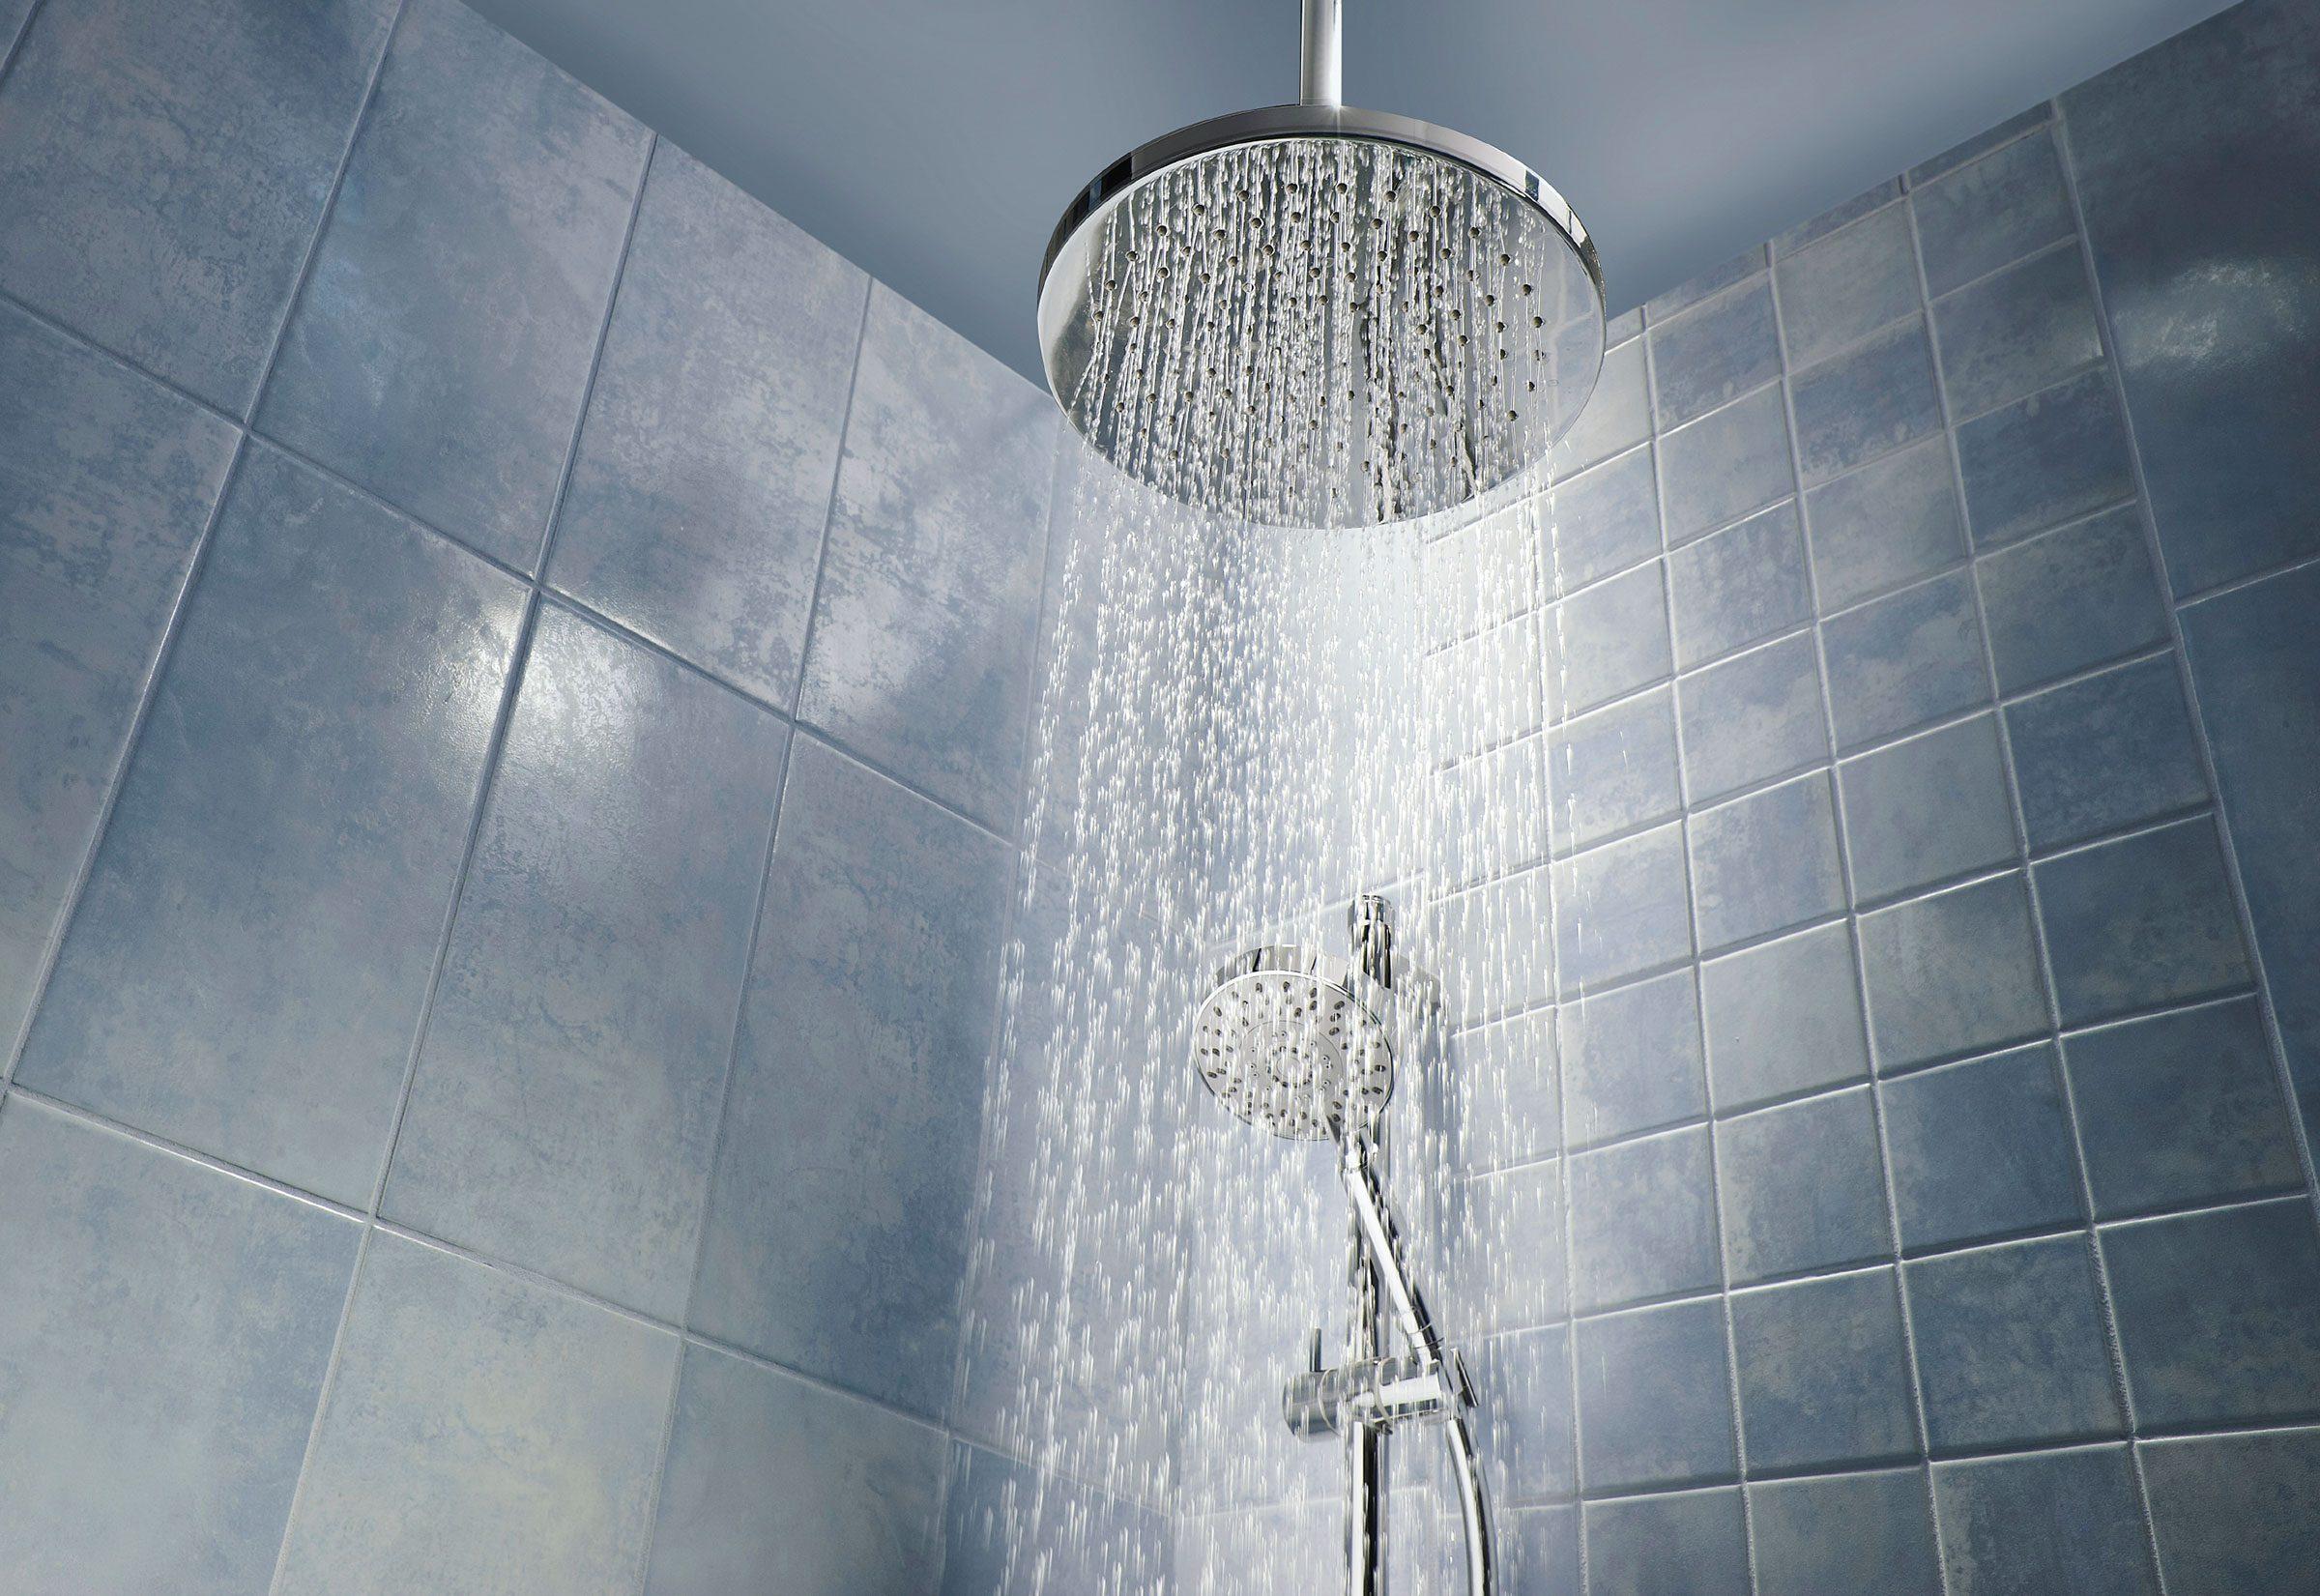 Ne pas rincer suffisamment est une erreur fréquente sous la douche.